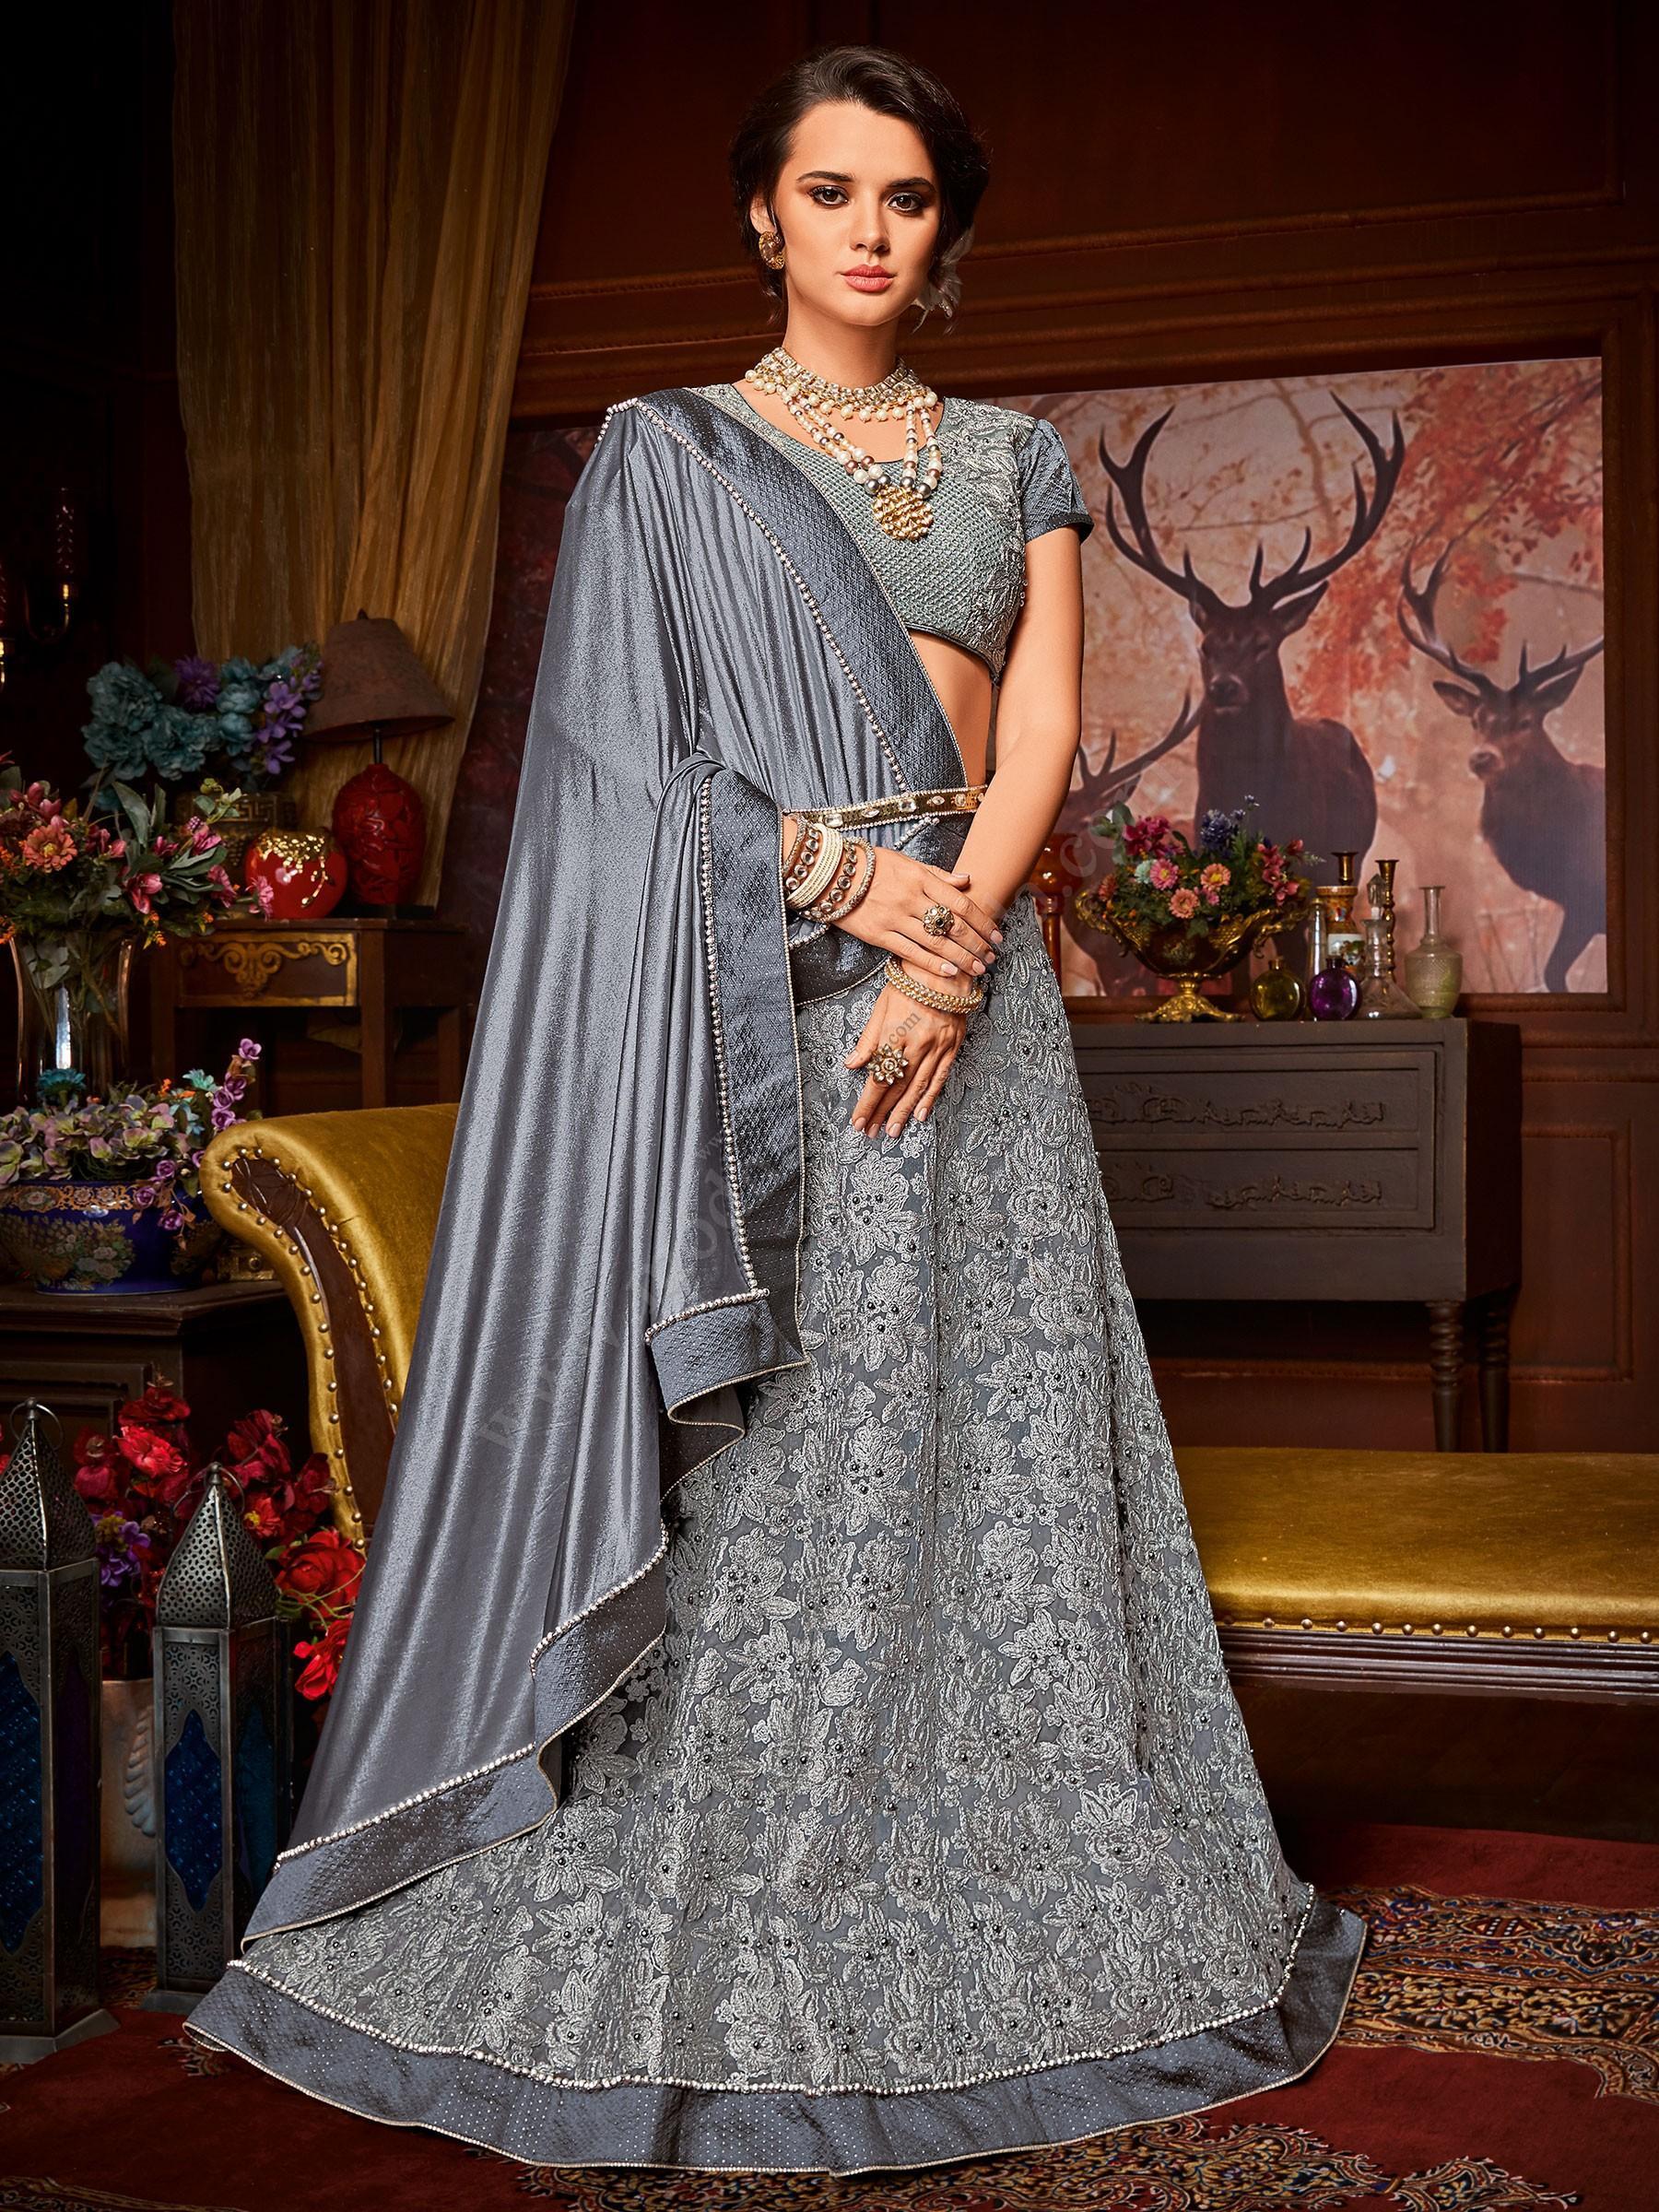 Vestiti Da Sposa Indiani.Indiano Mascolino Vestito Da Sposa Sari 1105797